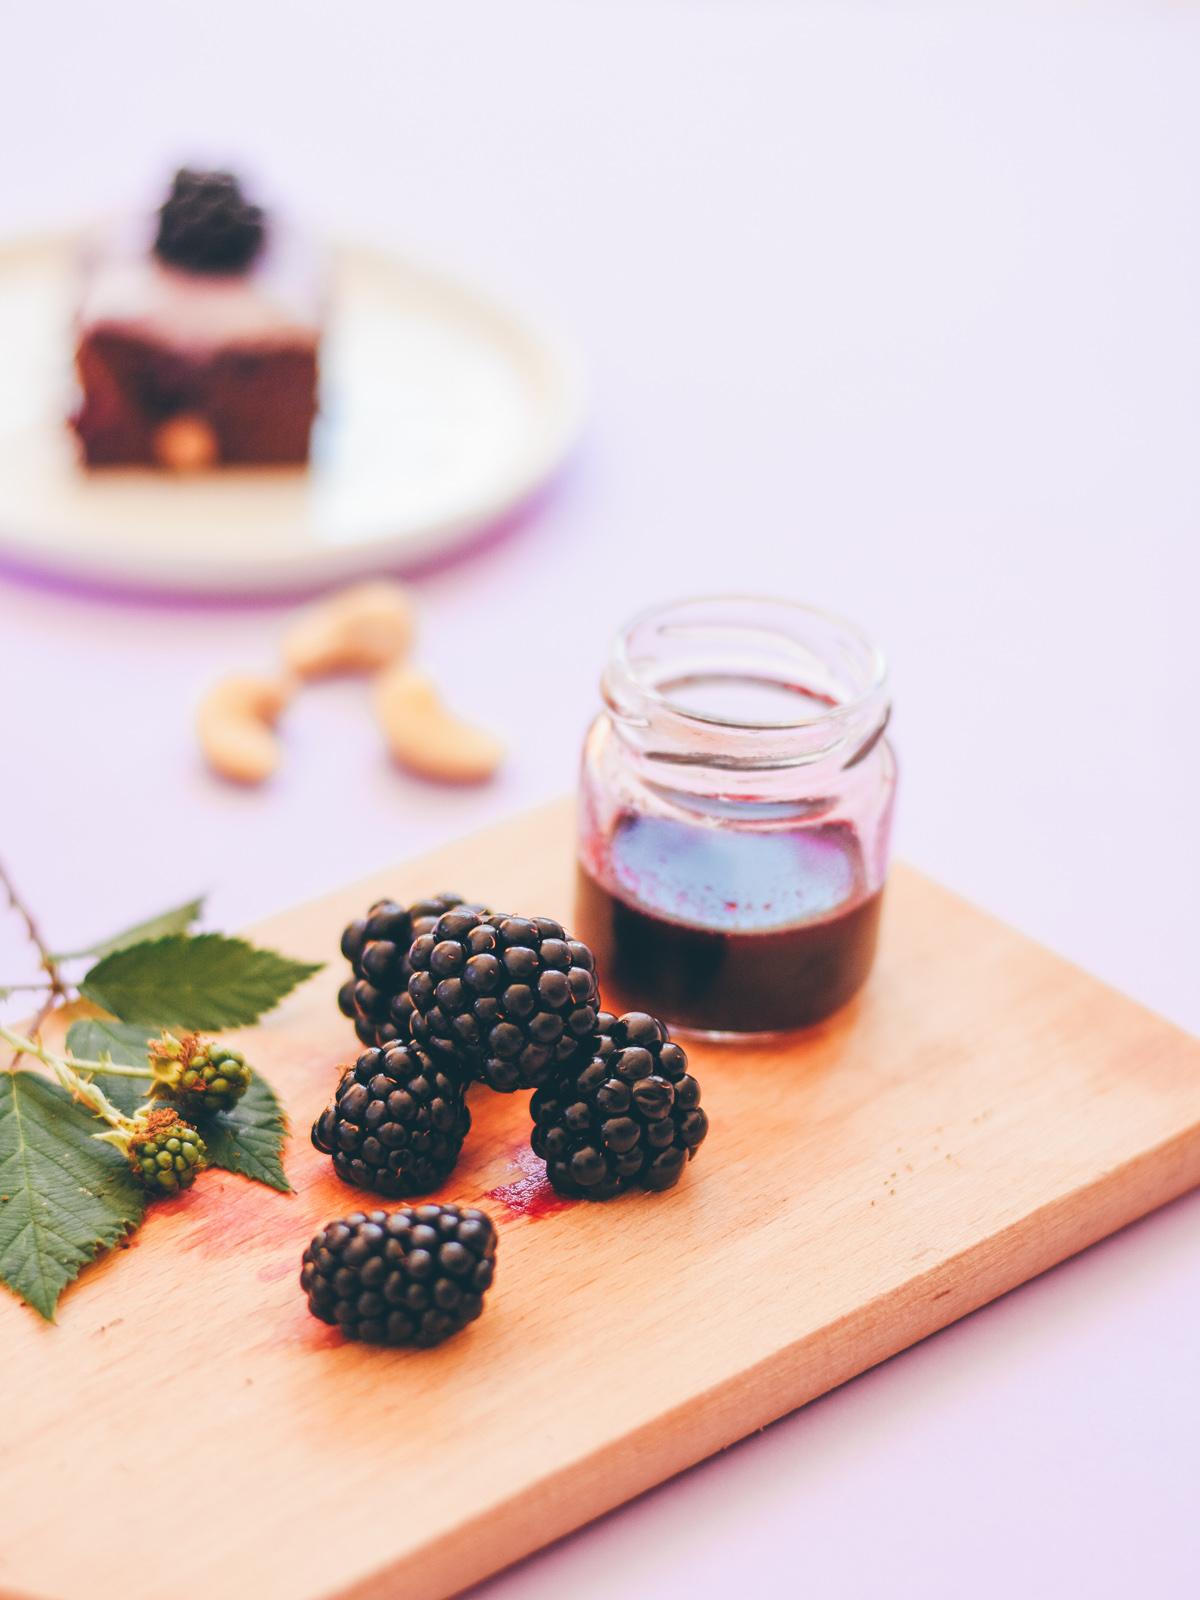 Leaf • Recette de brownie aux mûres sauvages et à la crème de noix de cajou vanillée - Sans lactose, sans œuf, vegan